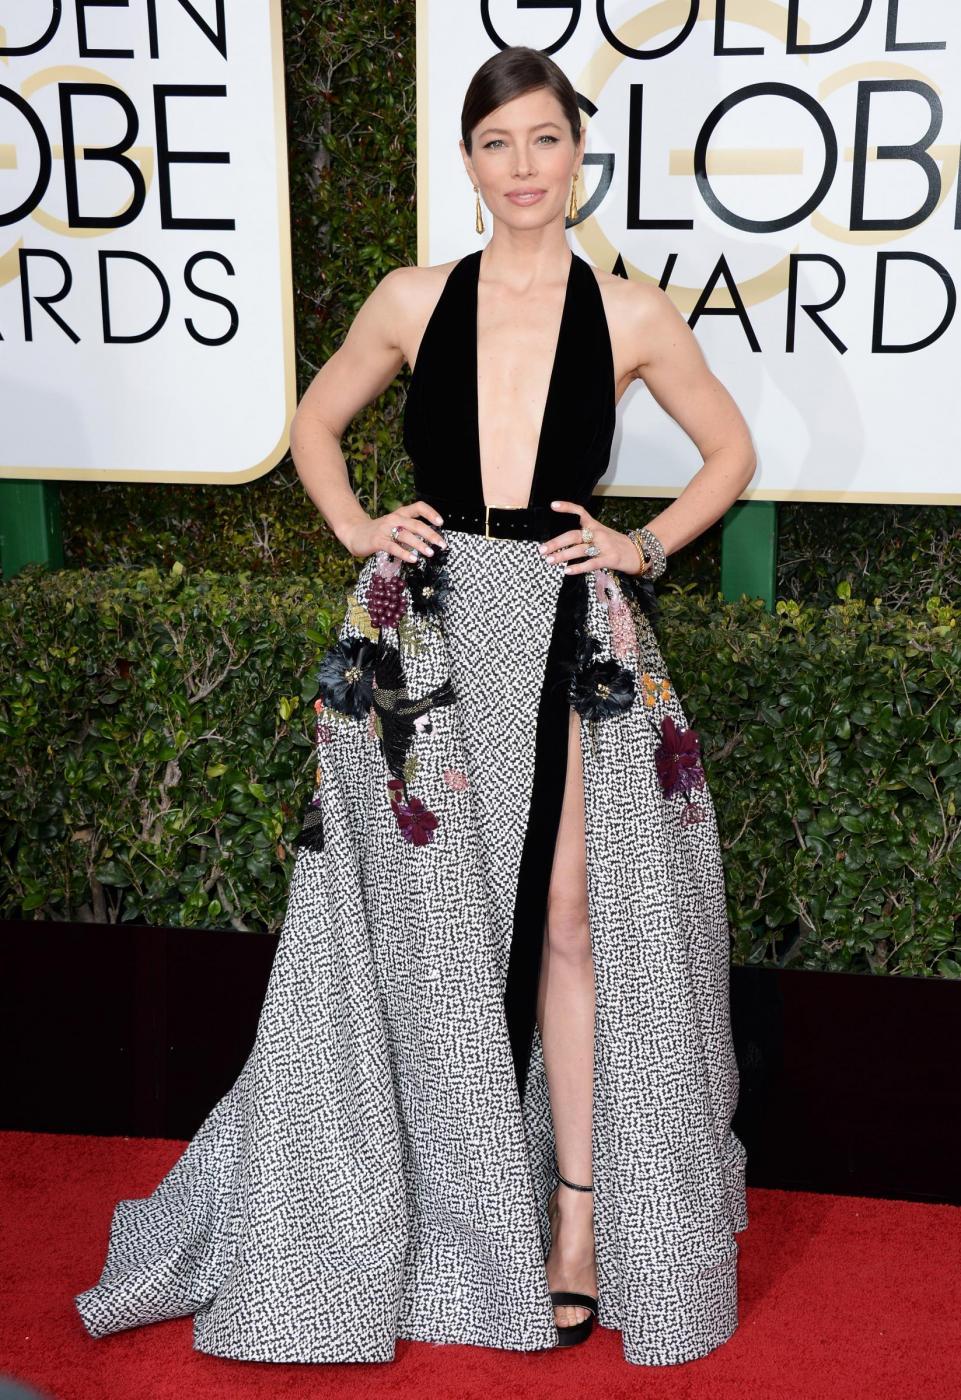 Golden Globe 2017 Red Carpet